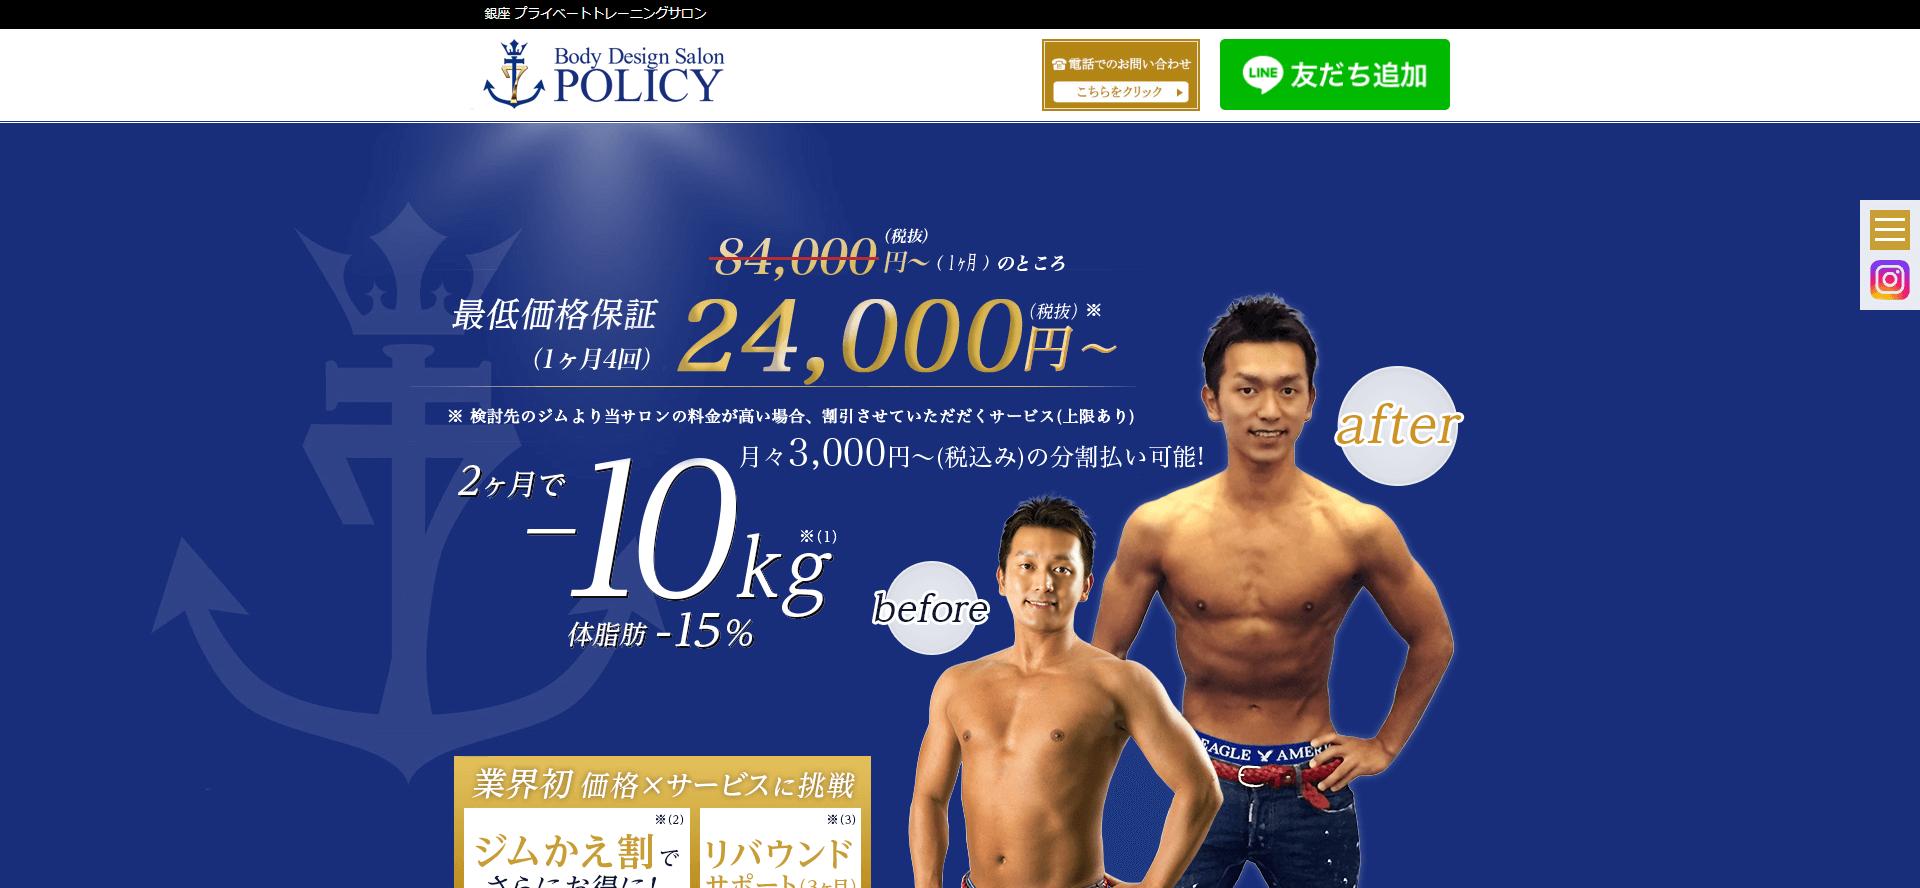 渋谷エリアでおすすめのパーソナルトレーニングジム「POLICY(ポリシー)